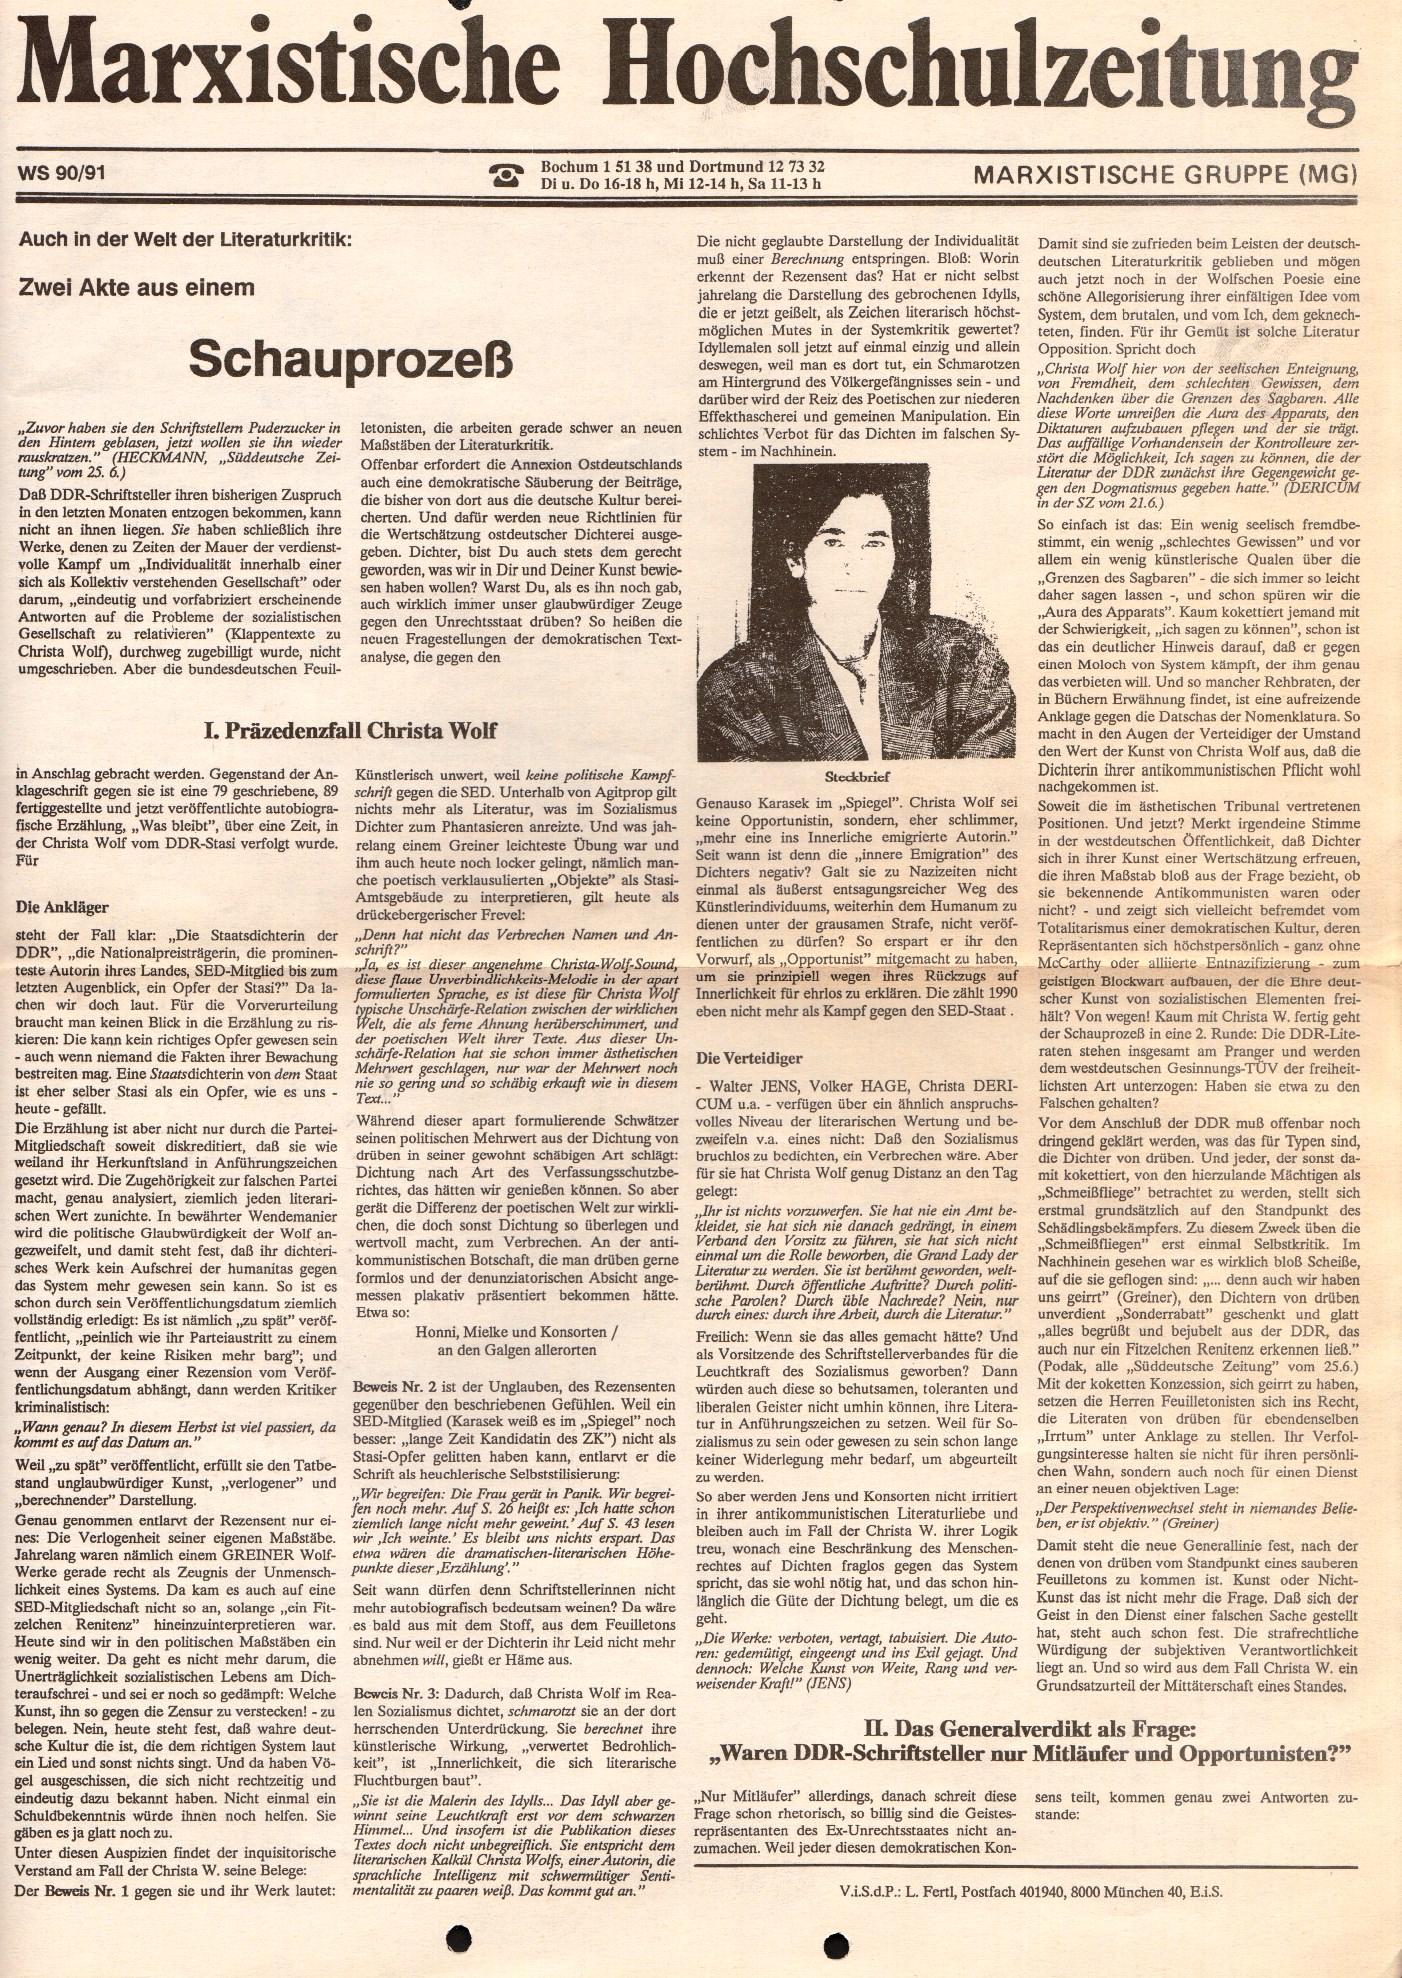 Ruhrgebiet_MG_Marxistische_Hochschulzeitung_19901200_01